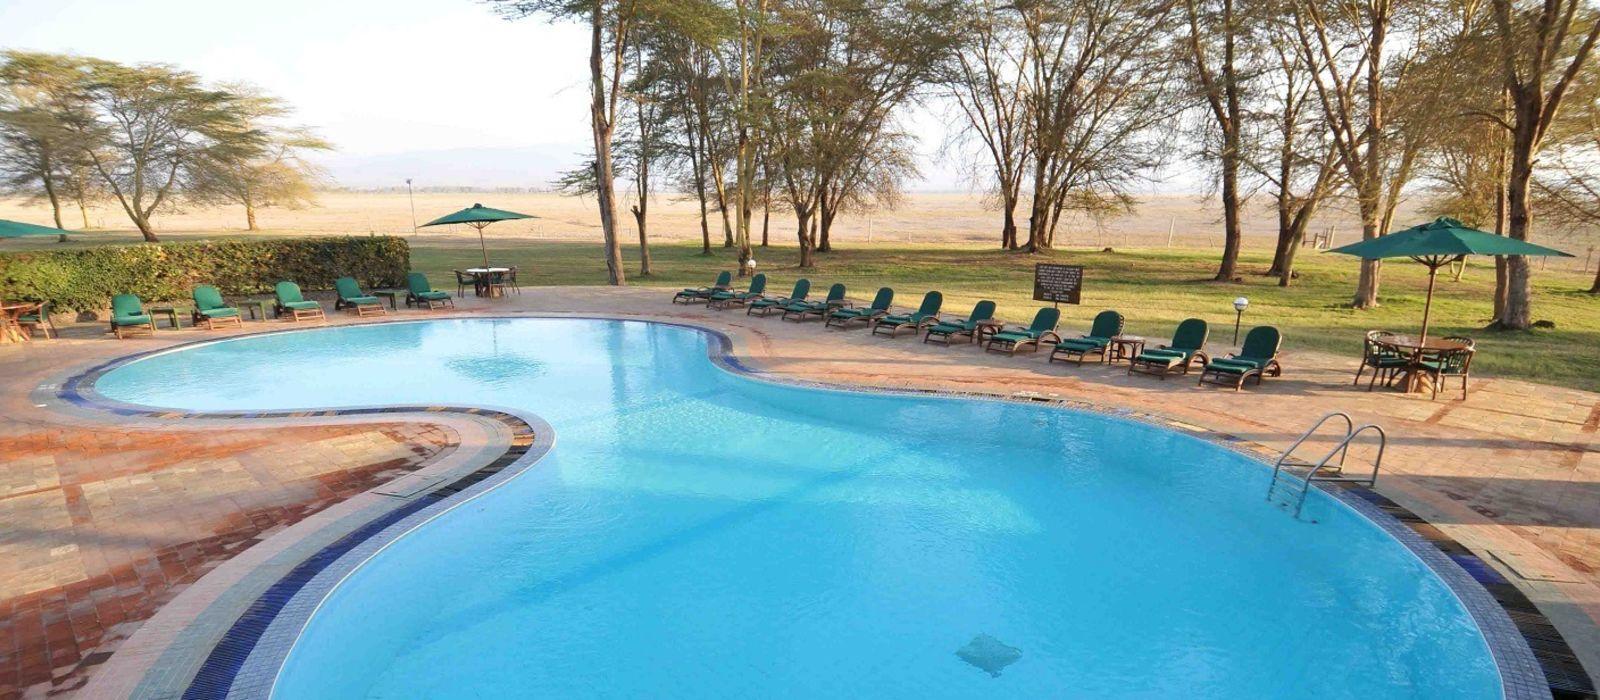 Hotel Ol Tukai Lodge Kenya